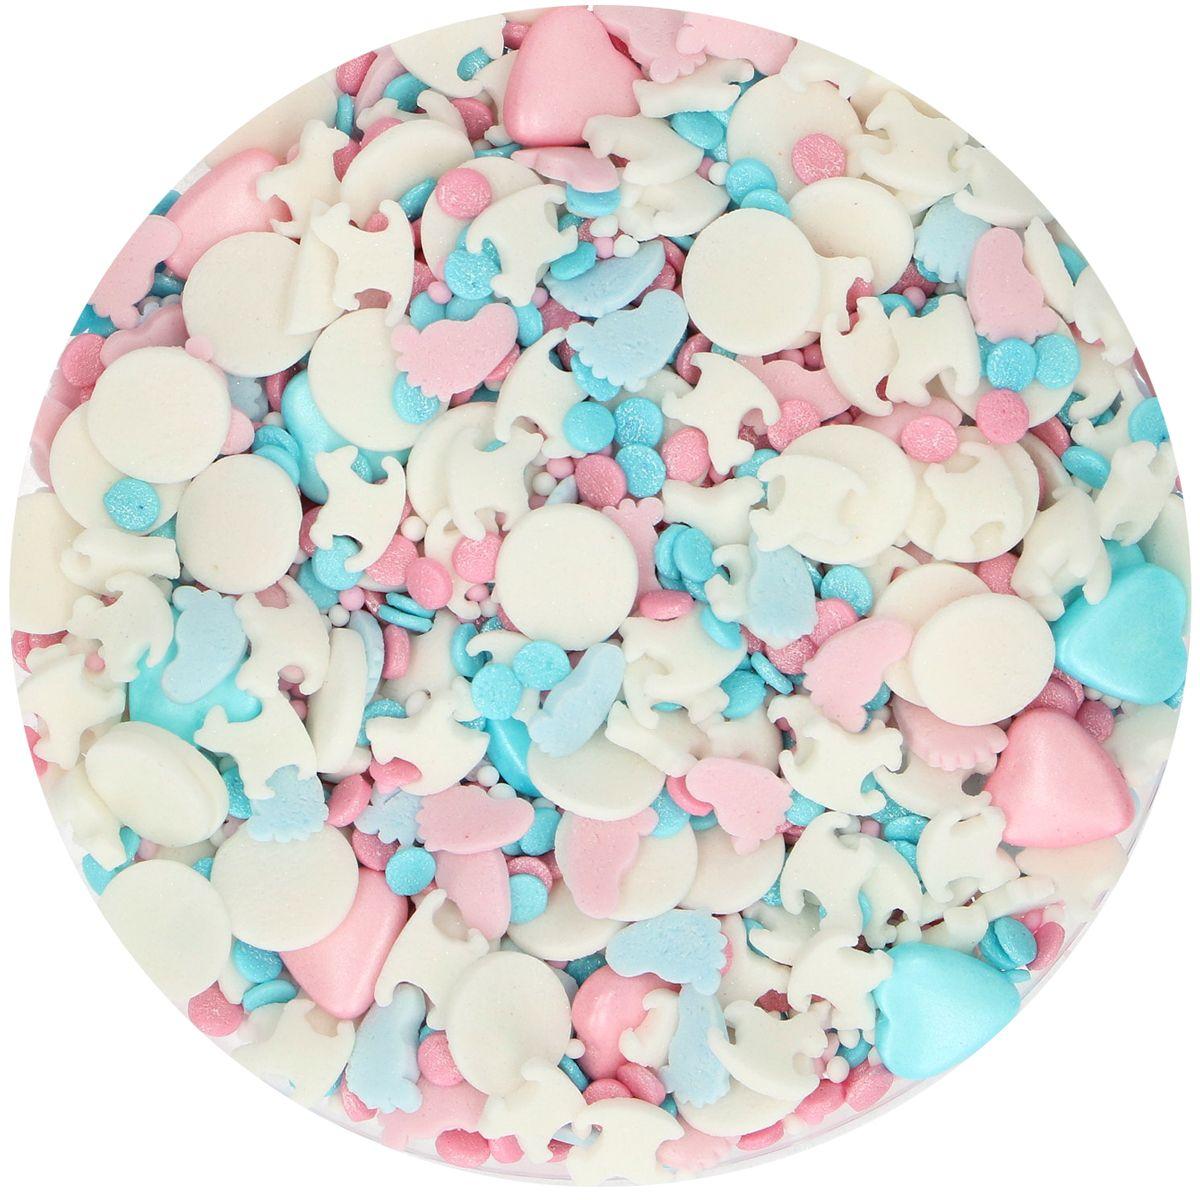 Mix de sprinkles 65 g - Révélation de genre